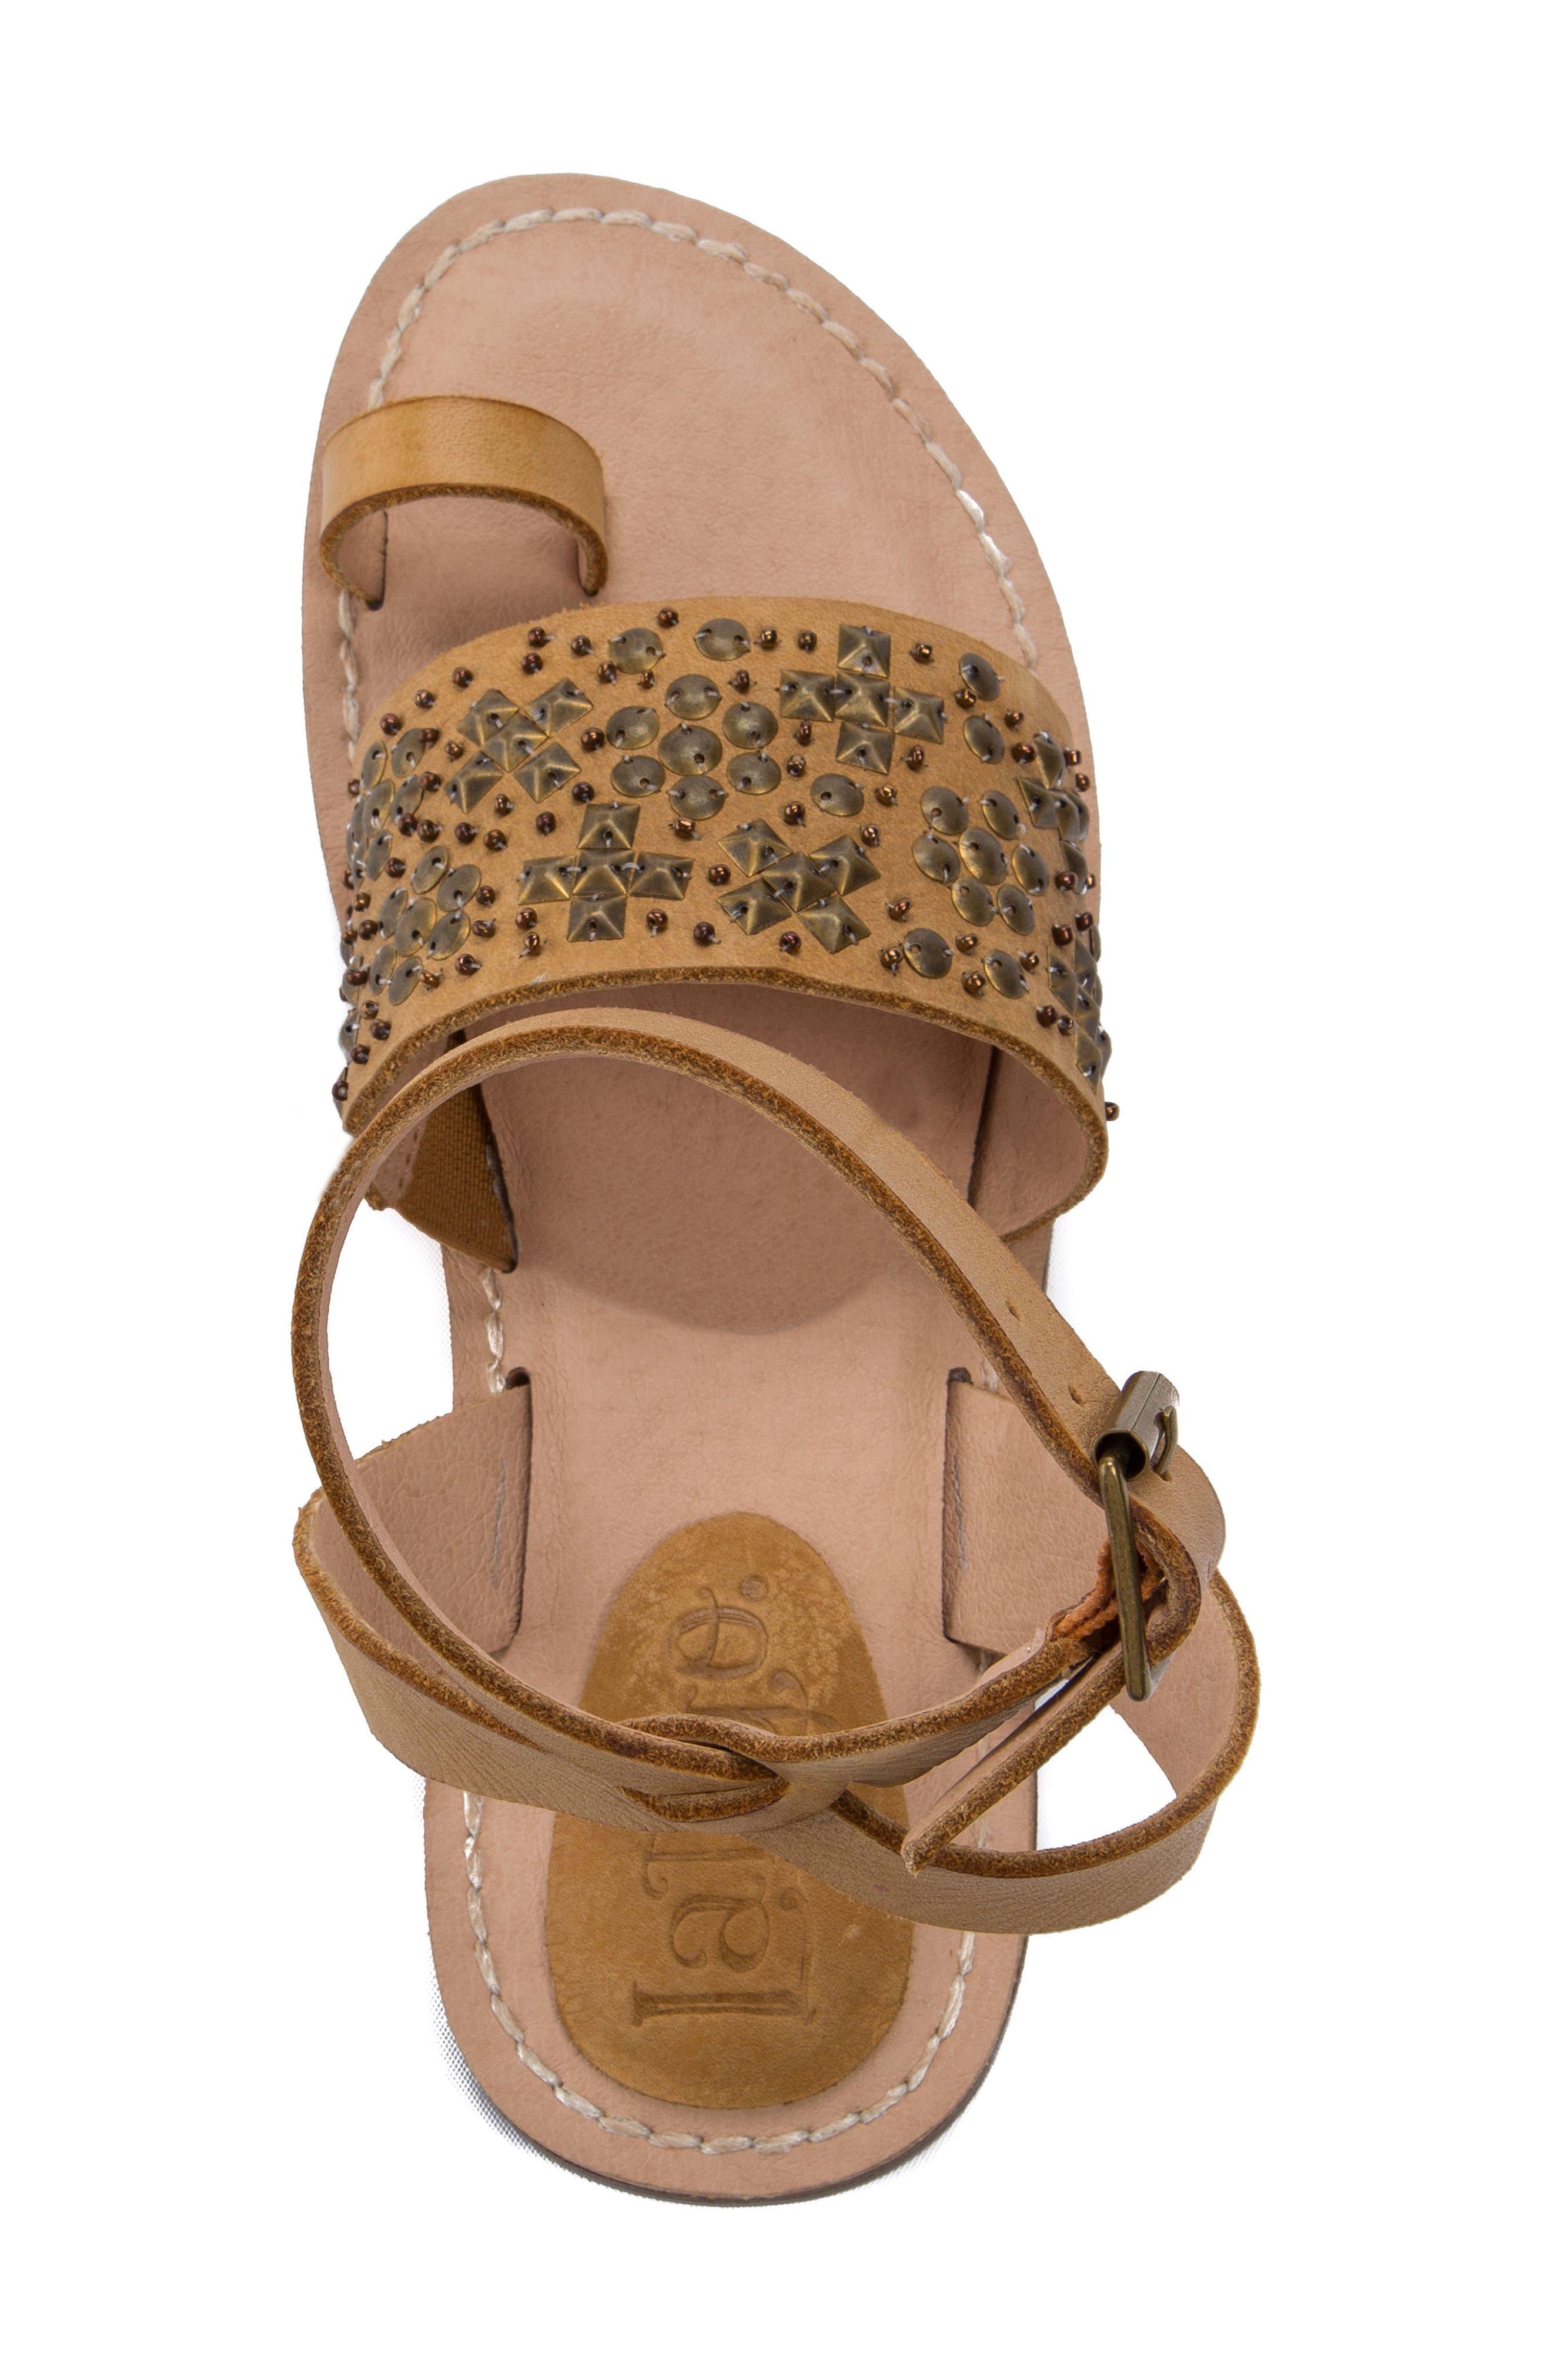 Vera Embellished Sandal,                             Alternate thumbnail 5, color,                             Dark Natural Leather